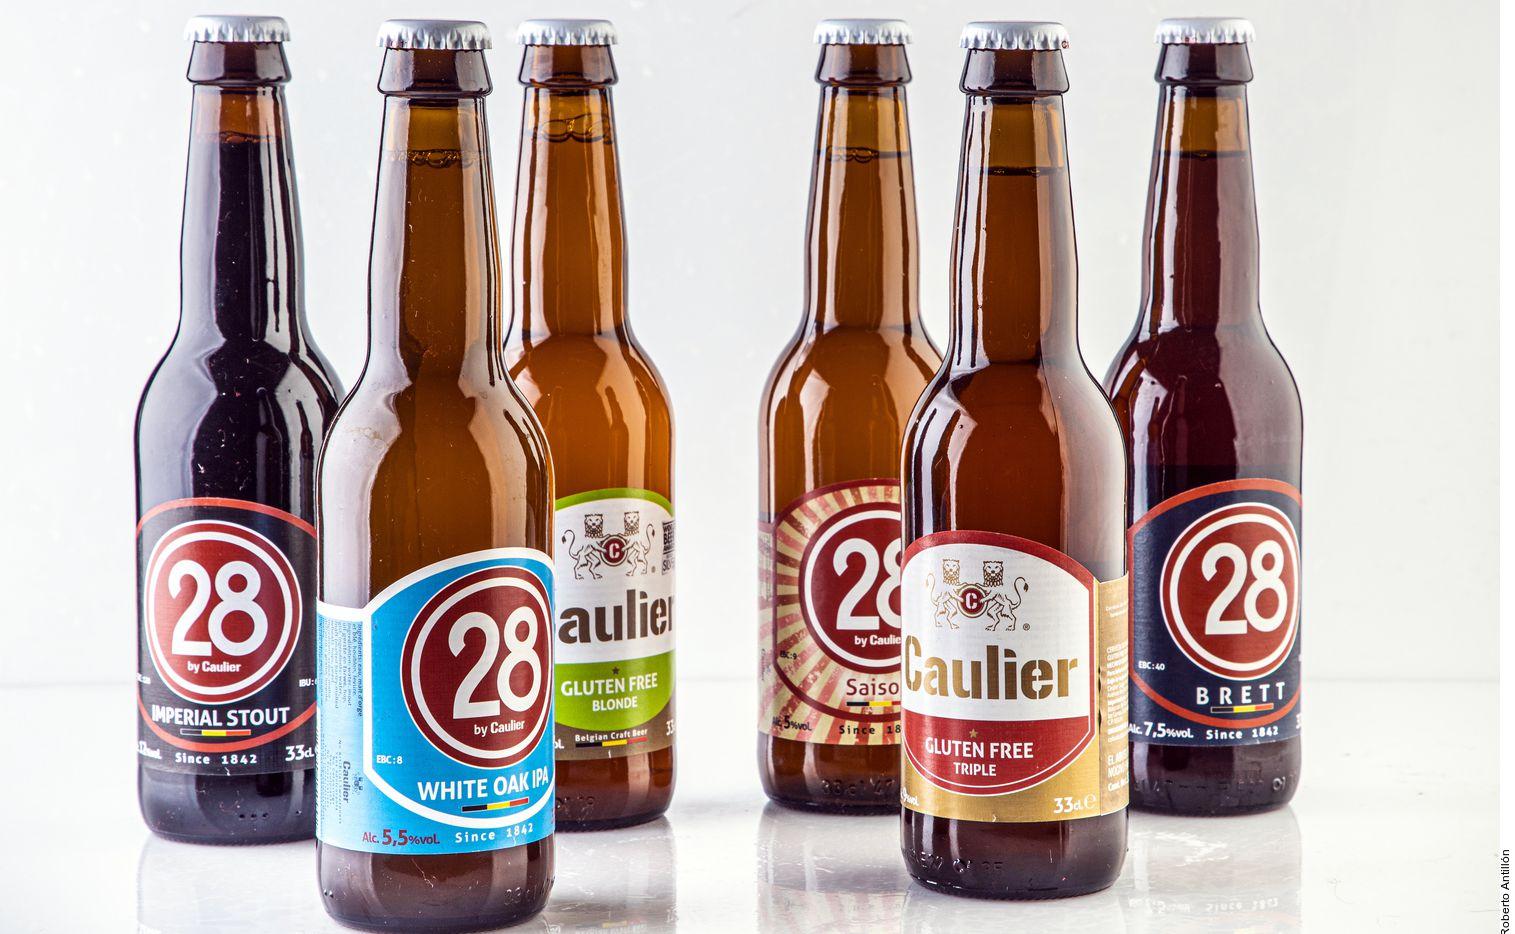 En su línea se encuentran opciones tradicionales belgas, nuevas tendencias y cervezas de alta graduación alcohólica, dos de ellas sin gluten. (AGENCIA REFORMA)